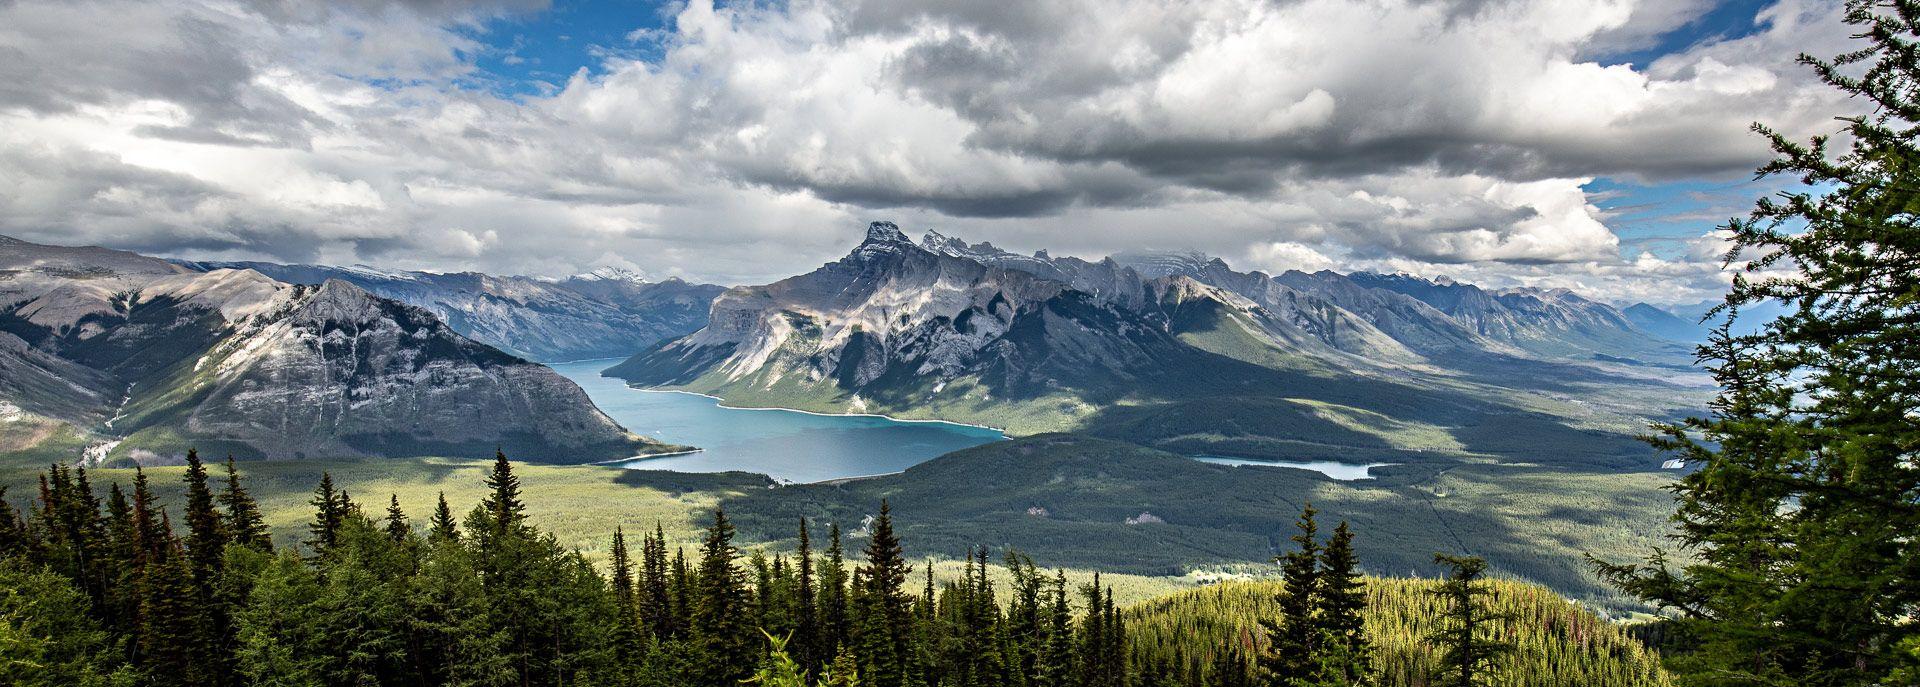 Visiter le parc national de Banff les incontournables